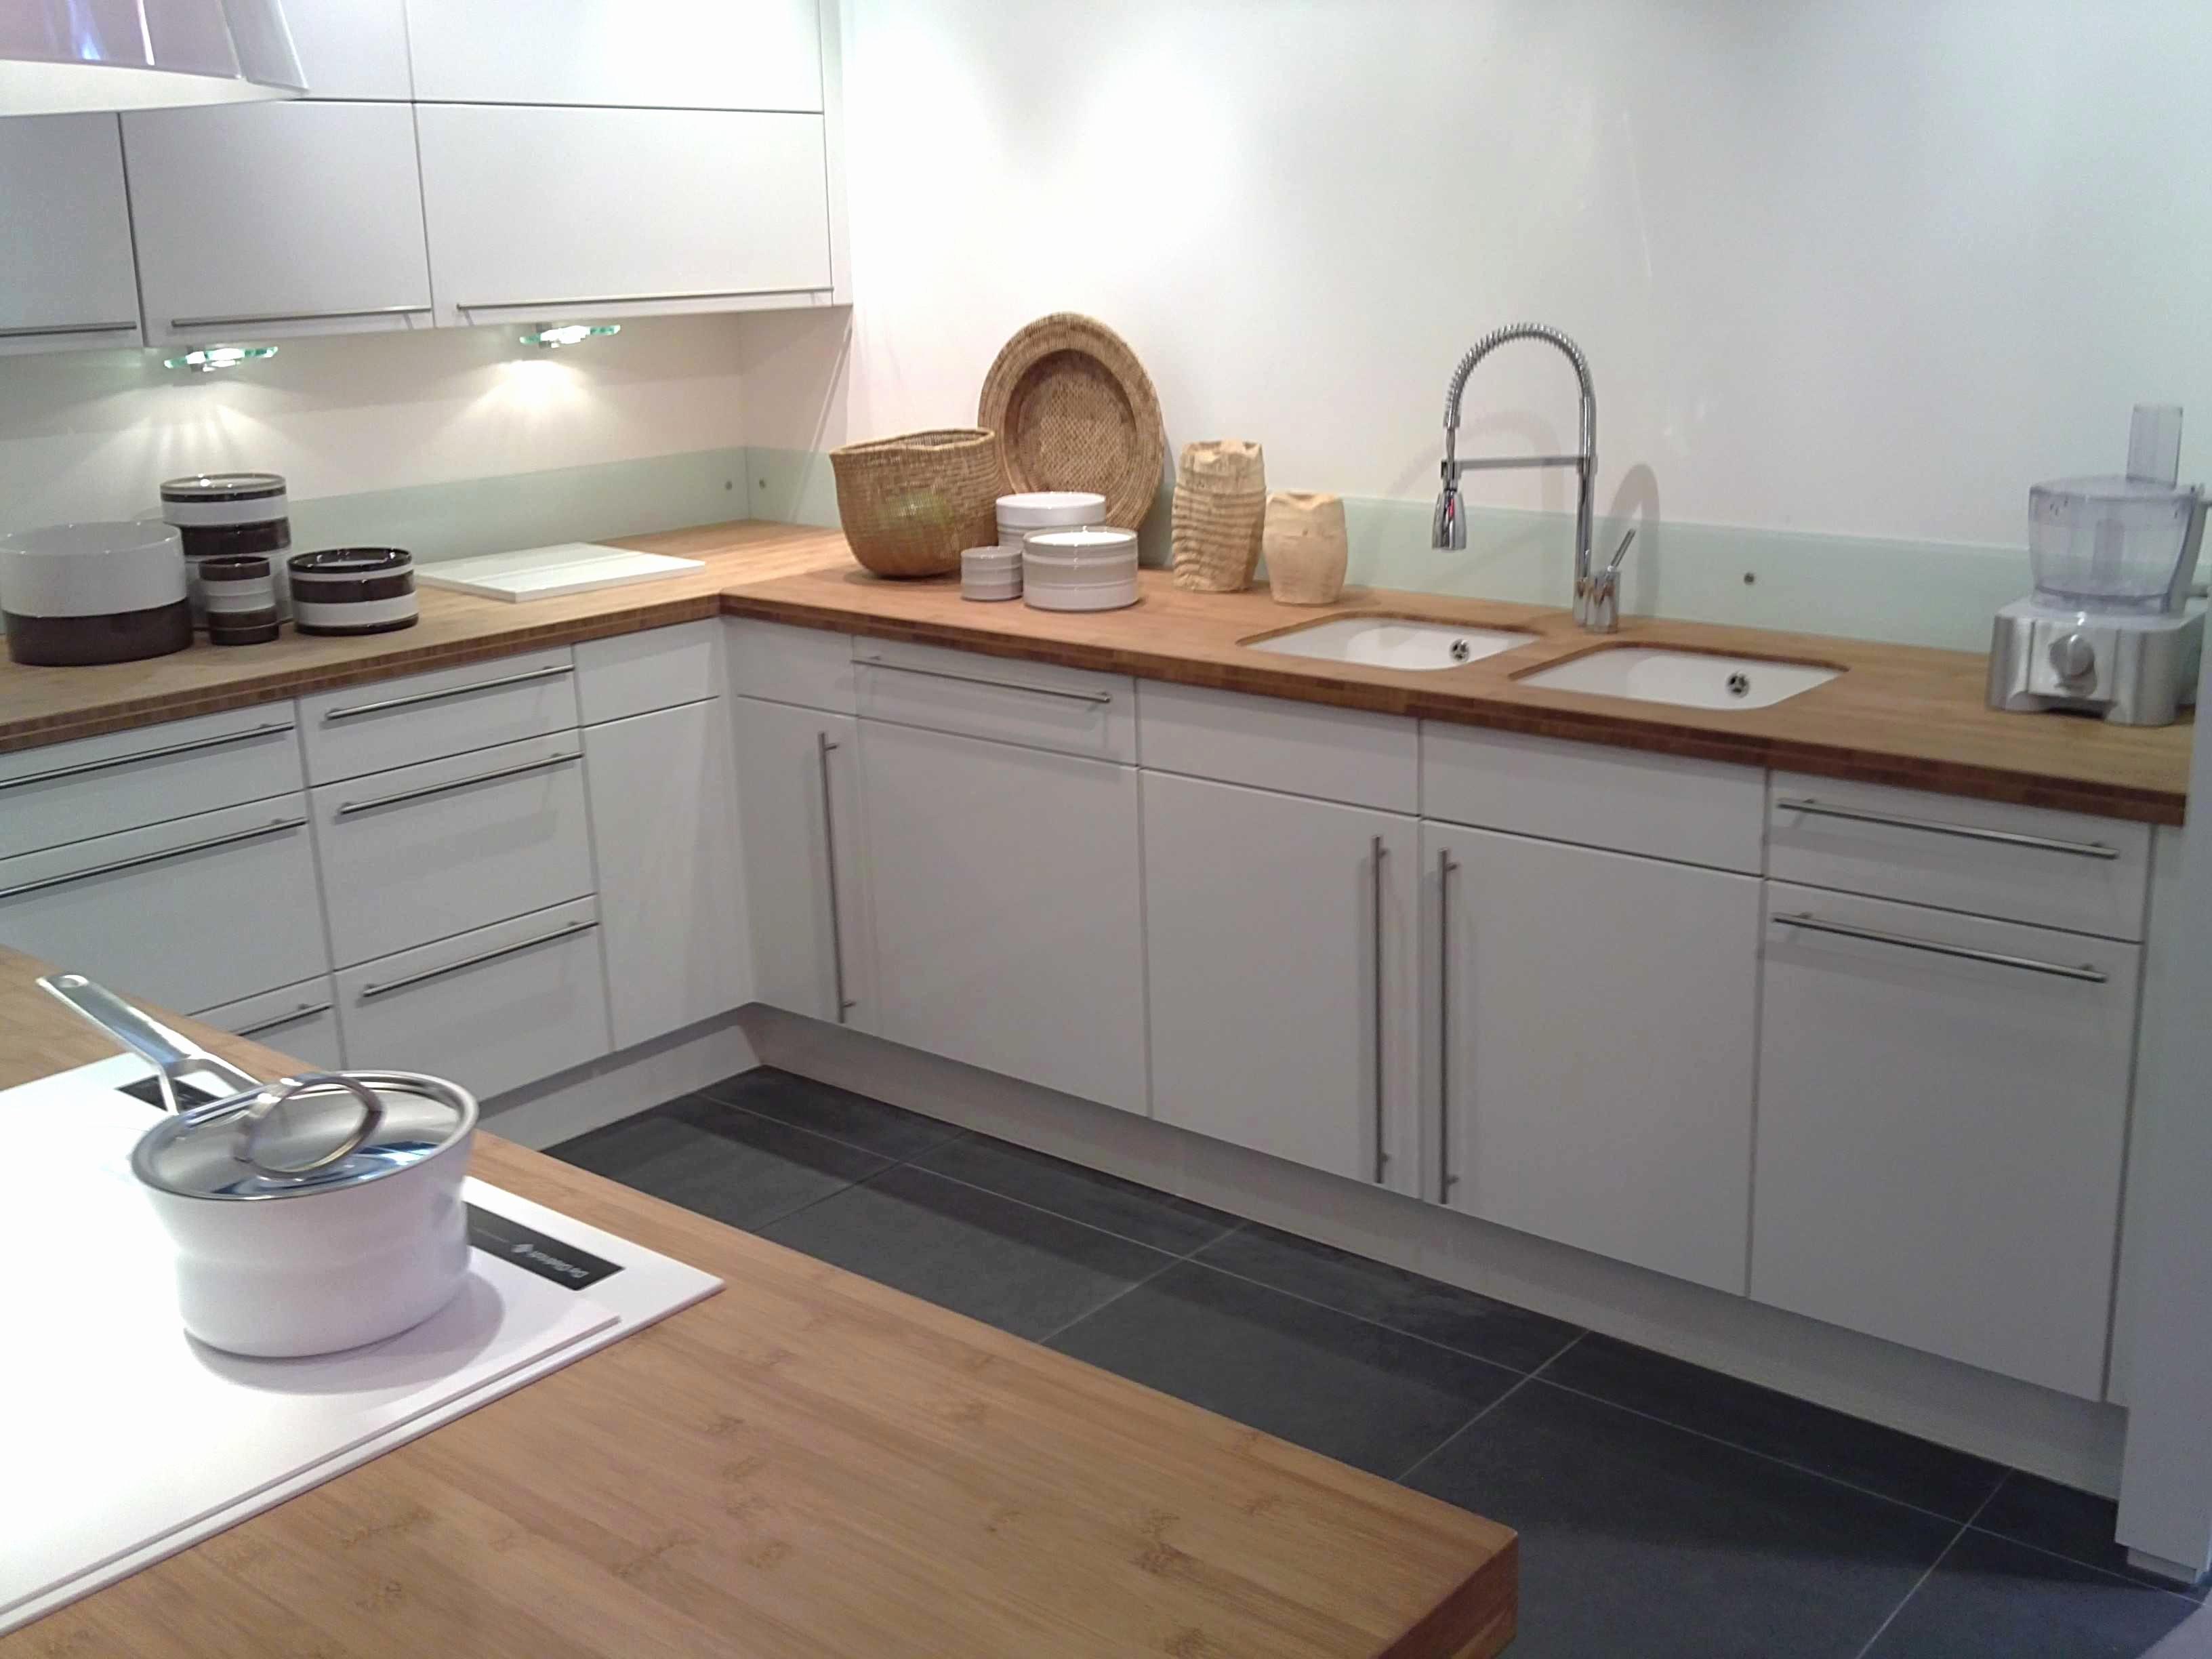 Plan De Travail Salle De Bain Ikea Luxe Photos Cuisine Arrondi Meuble Arrondi En Bout Dilot Avec Portes Courbes Et